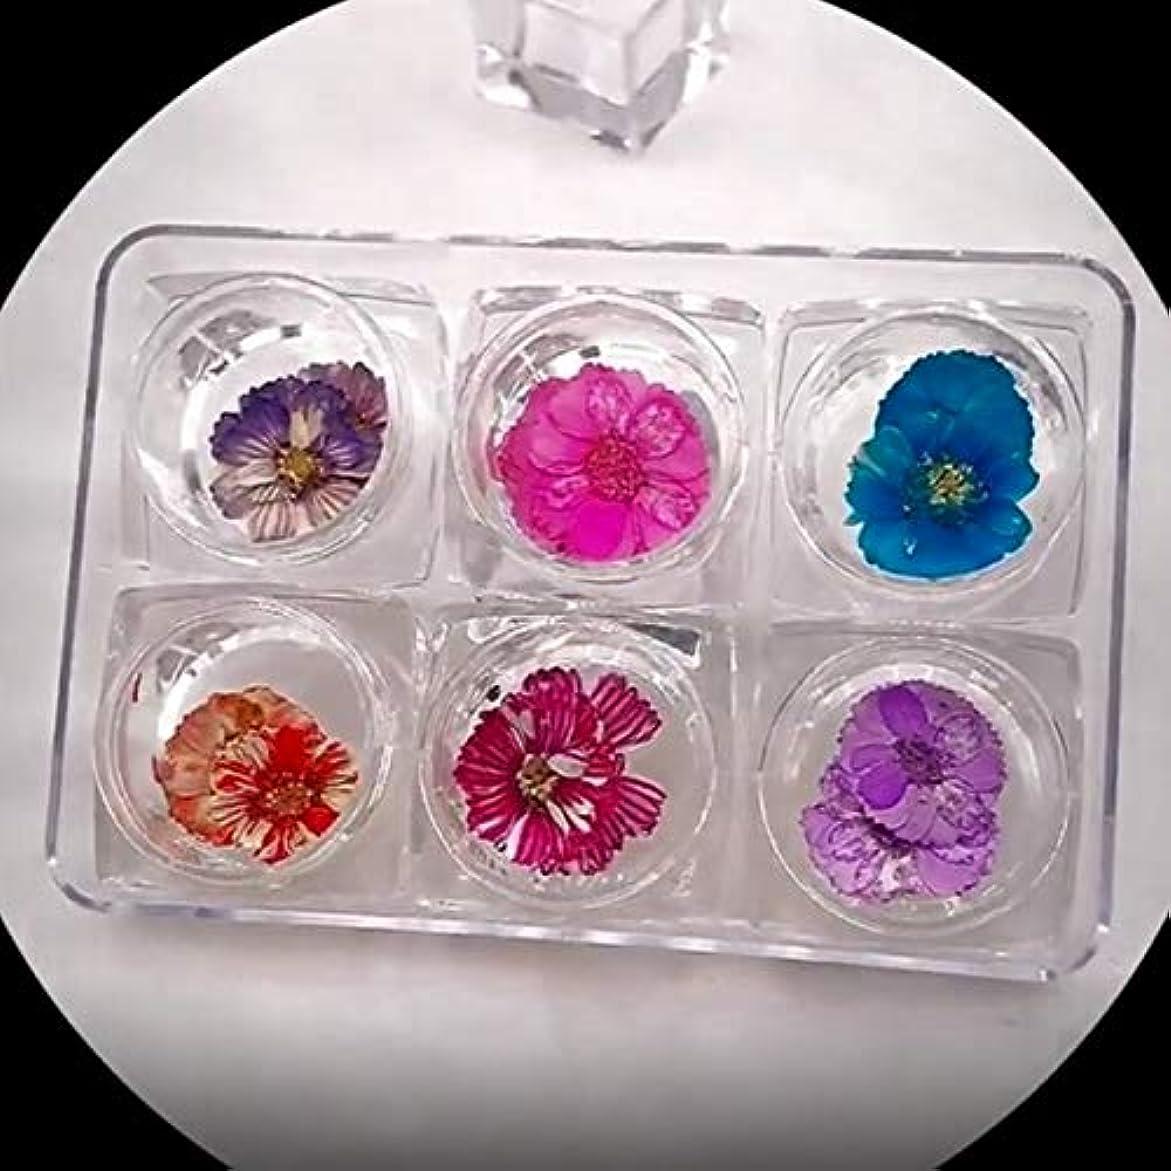 生尊敬するテスピアンWadachikis 実用的な新しい6色ネイルアートアップリケジュエリーセット日本のドライフラワー花びら永遠の花の結晶装飾(None Picture Color)